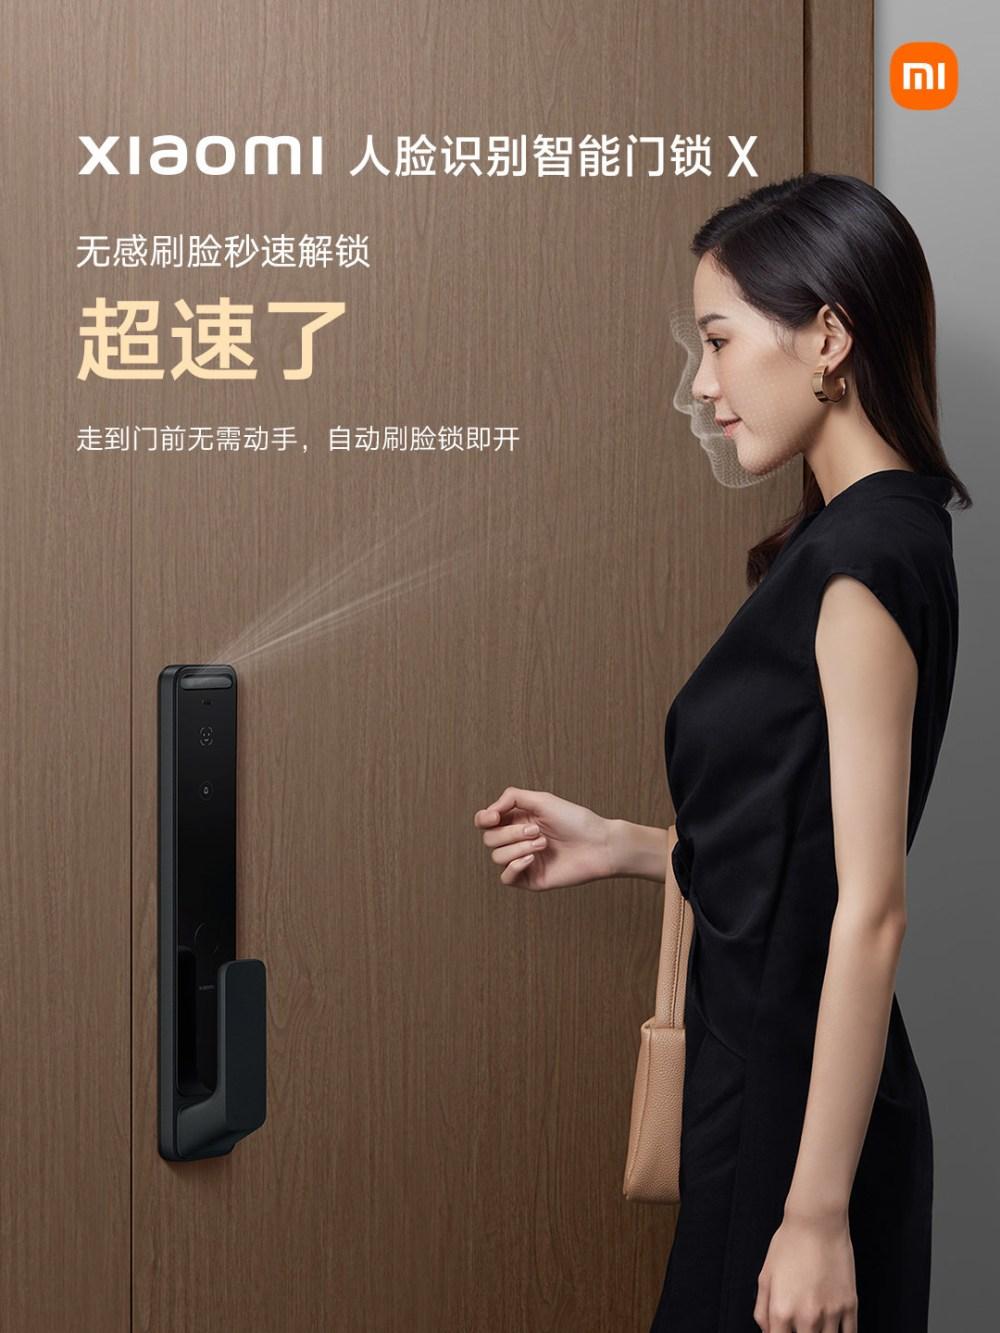 Xiaomi smart door lock X image 5